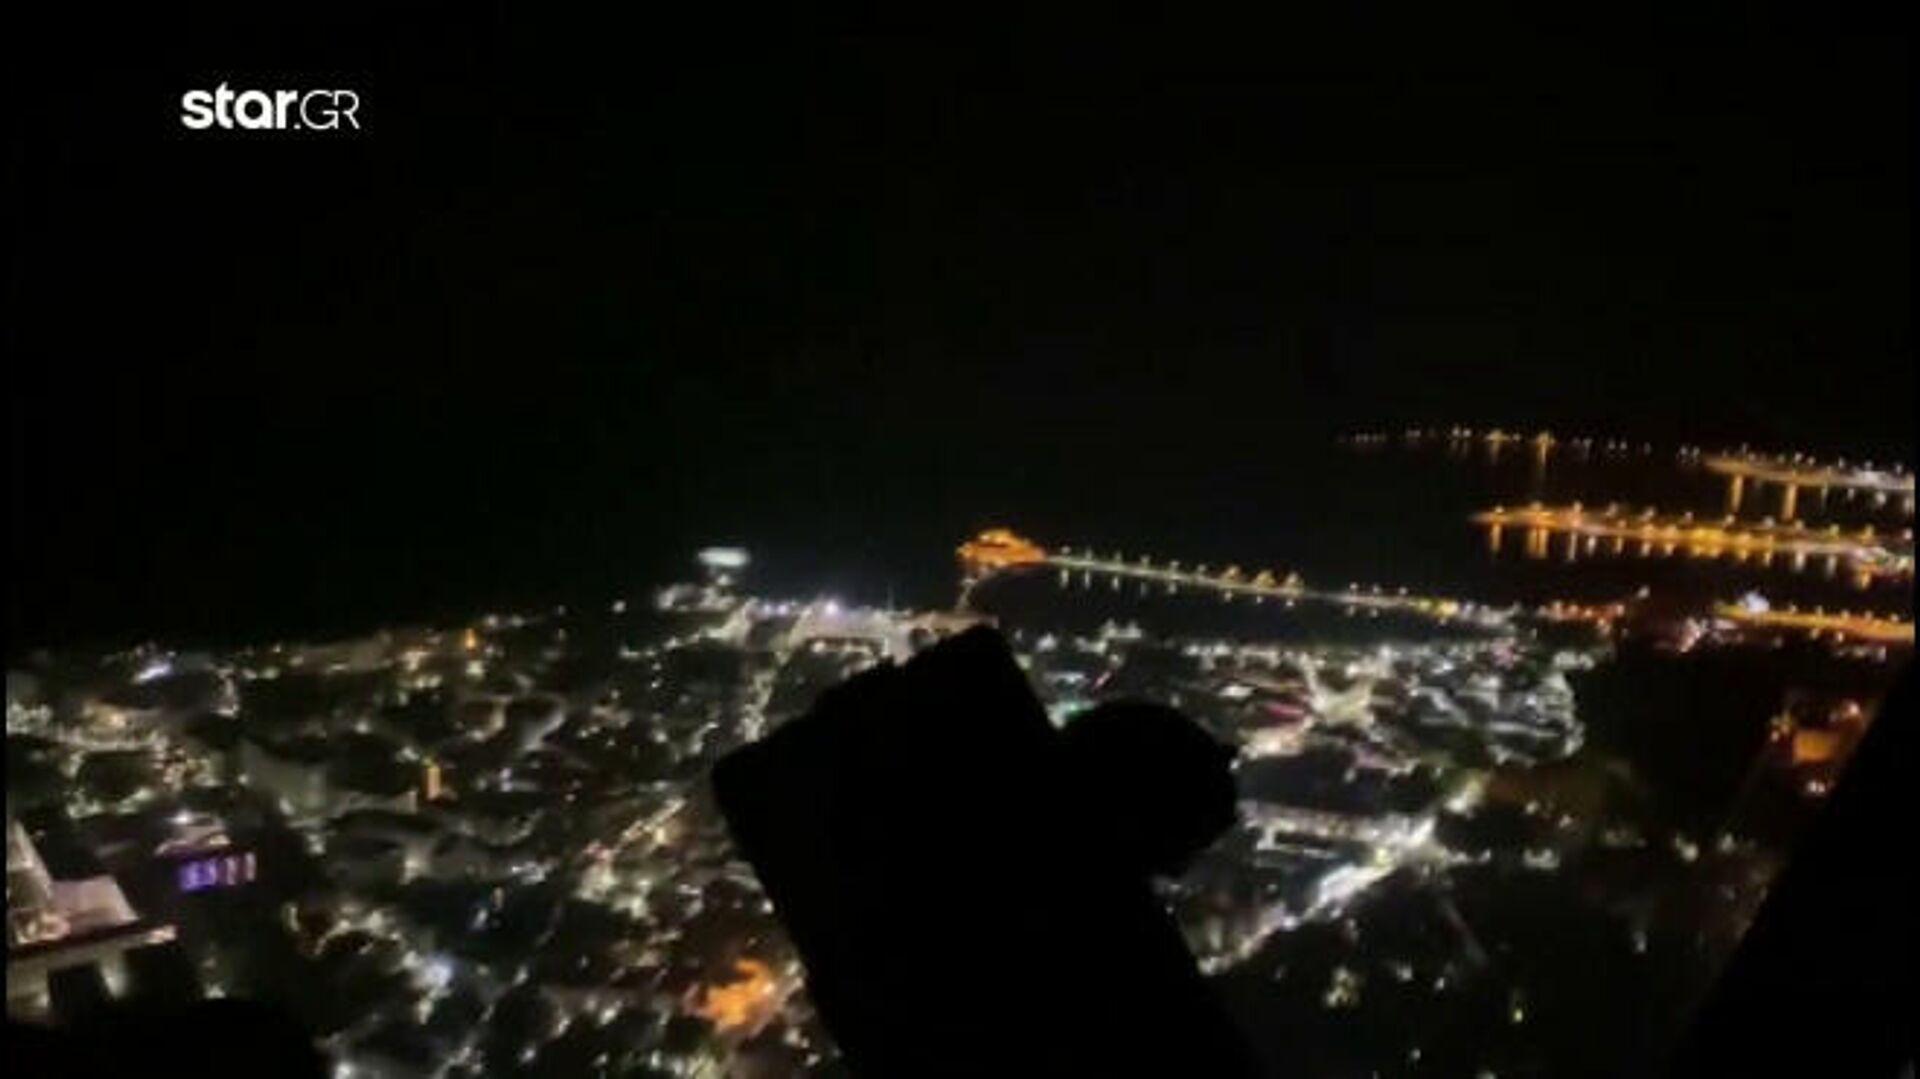 Στιγμιότυπο από τα βίντεο που βρέθηκαν στο κινητό του πιλότου  - Sputnik Ελλάδα, 1920, 05.10.2021